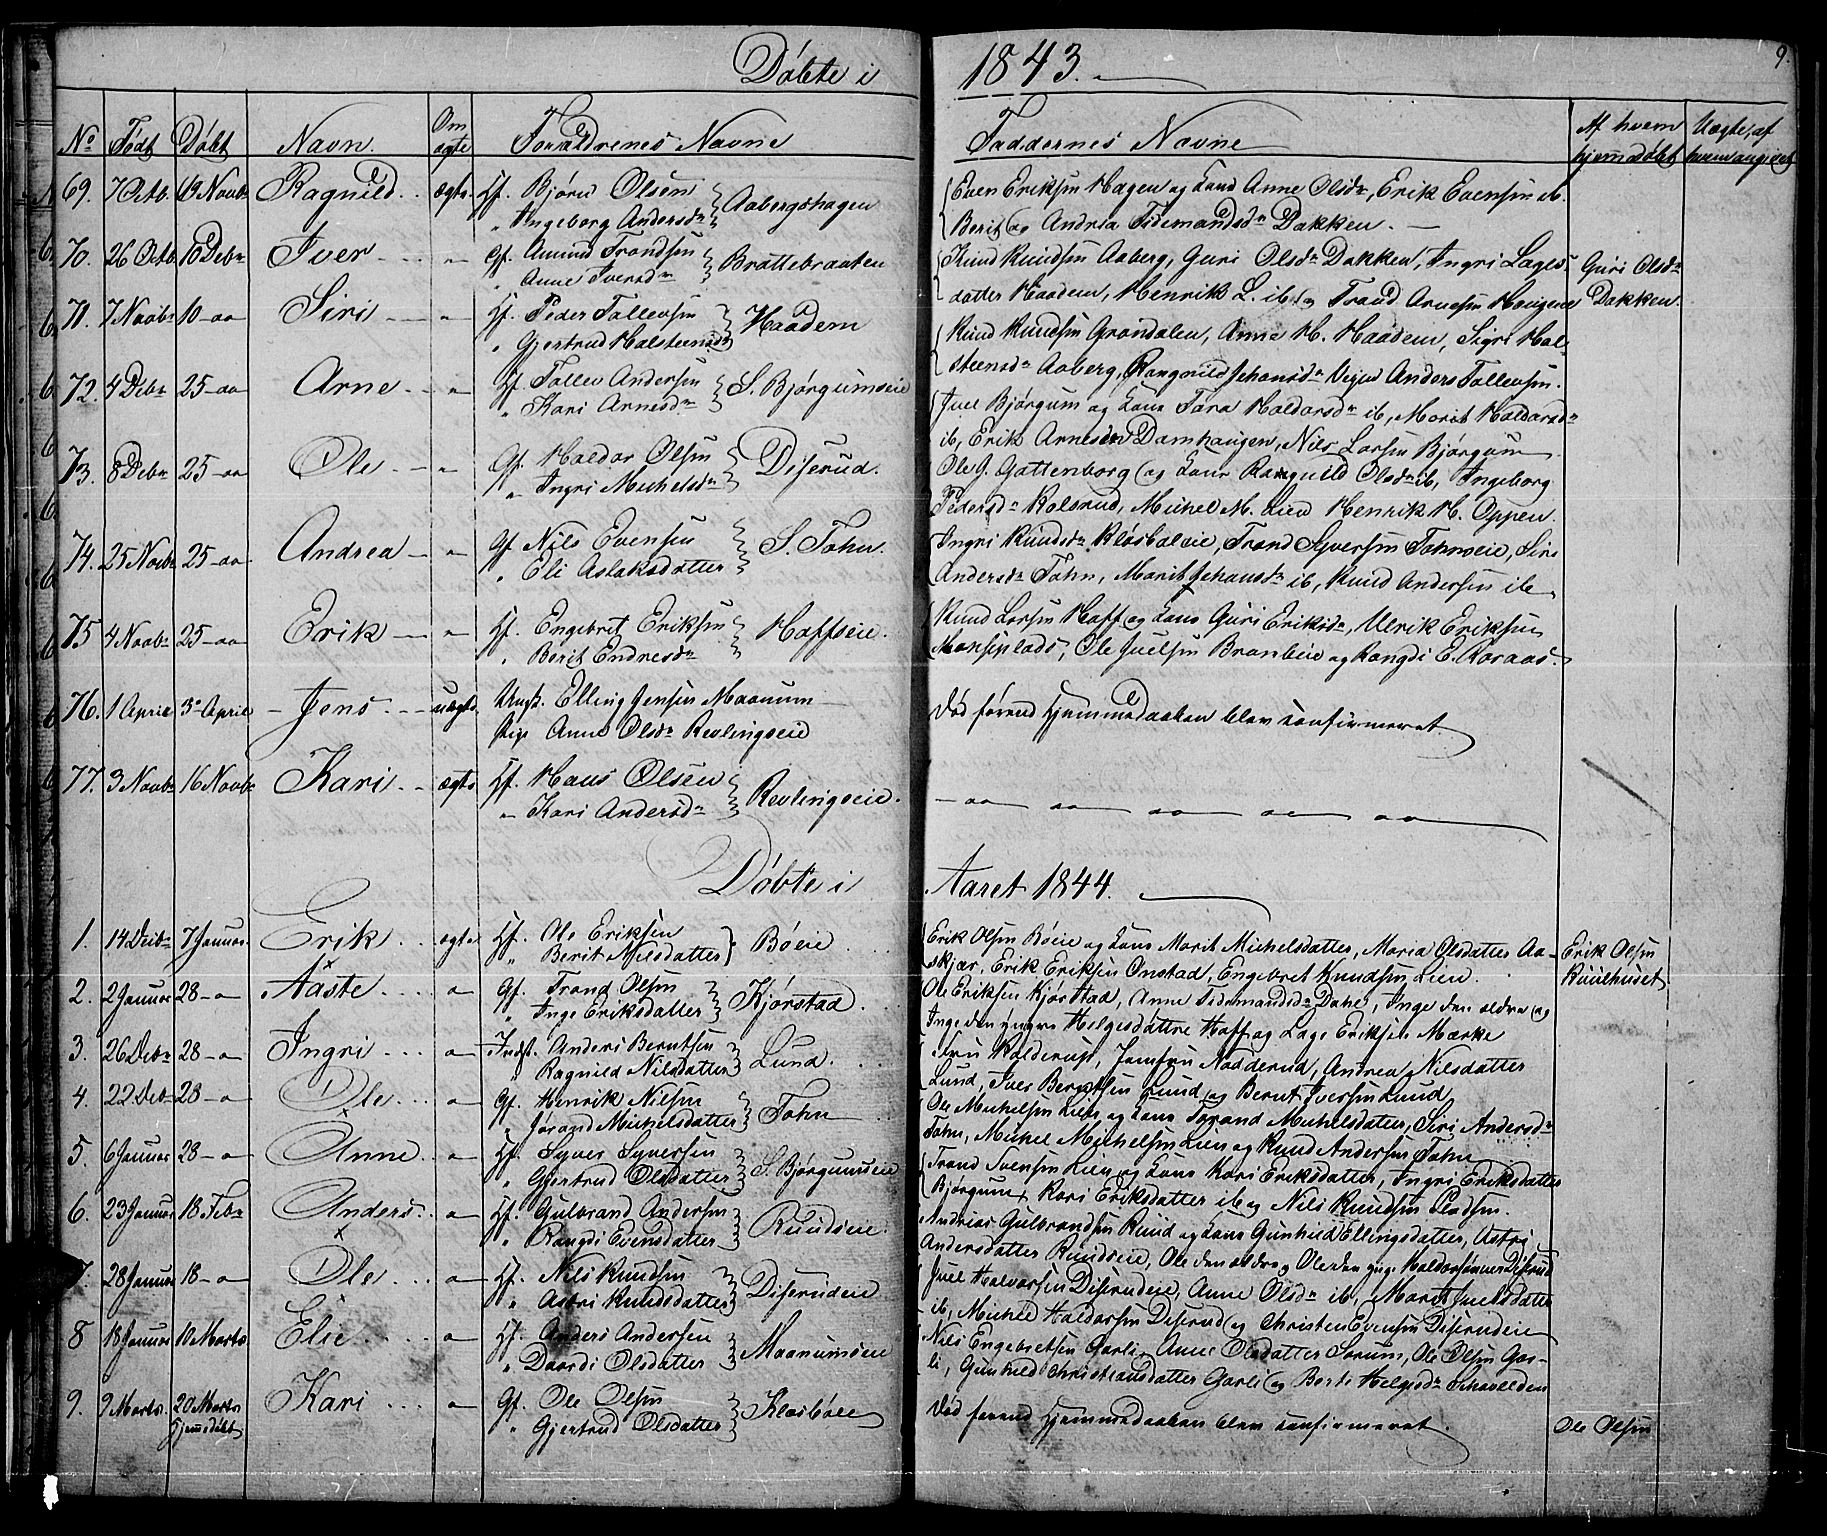 SAH, Nord-Aurdal prestekontor, Klokkerbok nr. 2, 1842-1877, s. 9